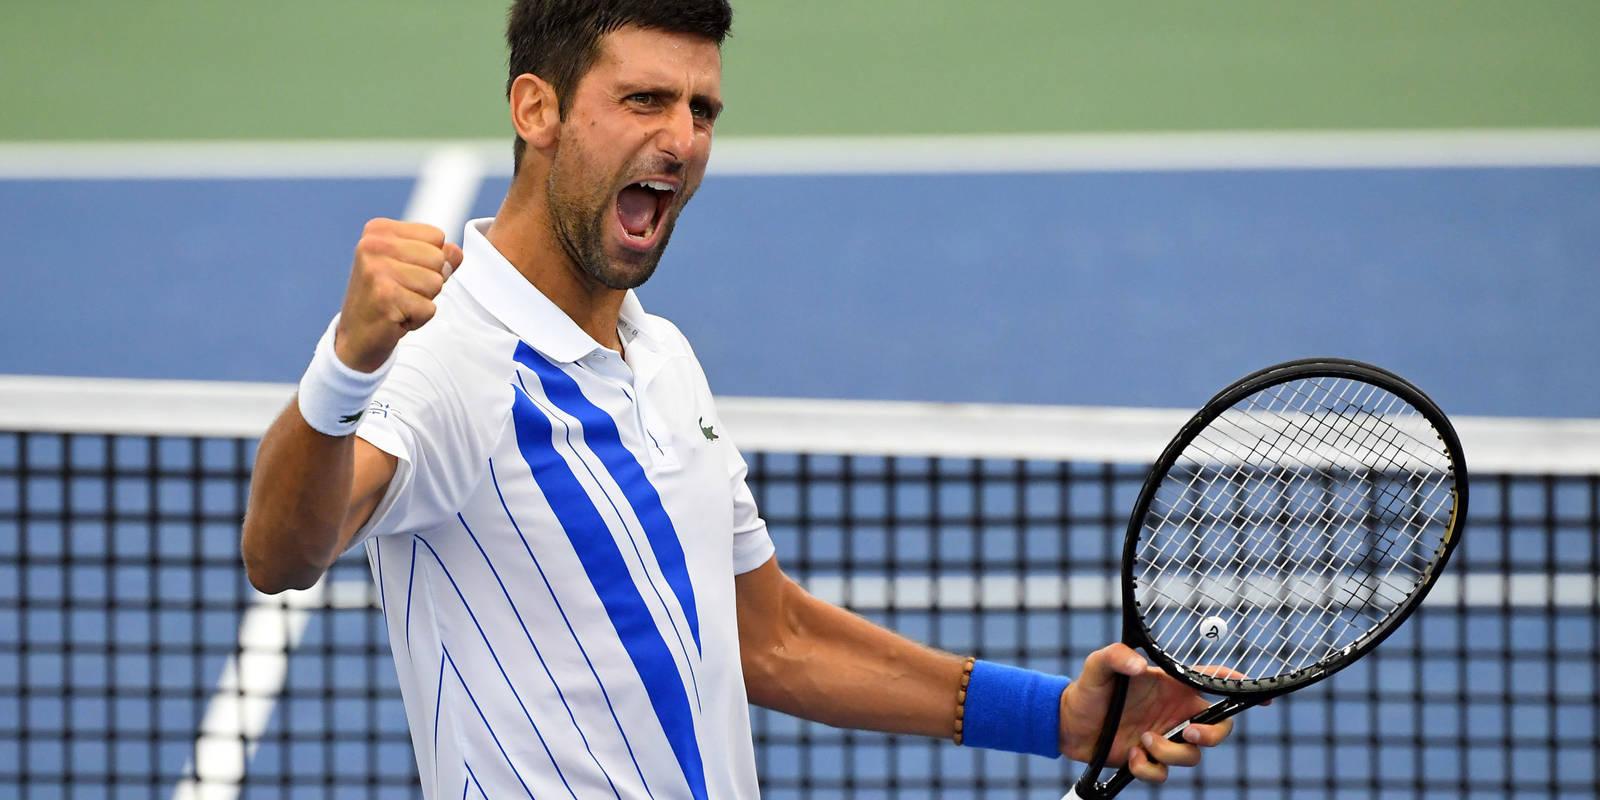 Picture principal - De la mano Djokovic, los tenistas se lanzan a la conquista de un sindicato